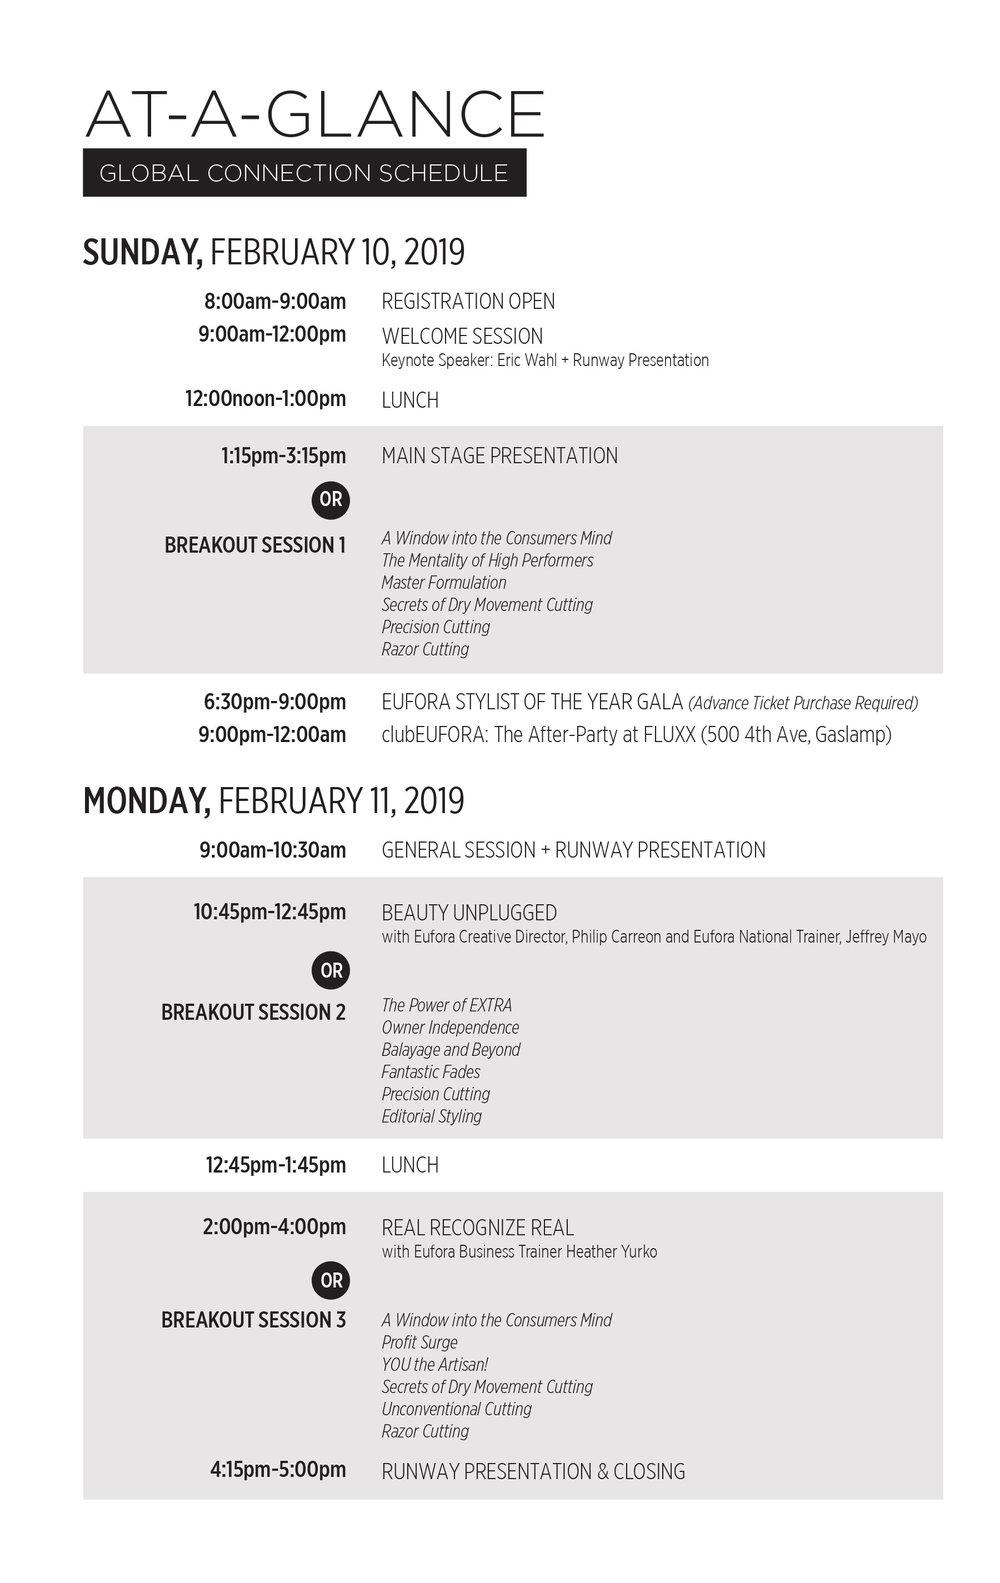 0924_011_agenda-2019.jpg